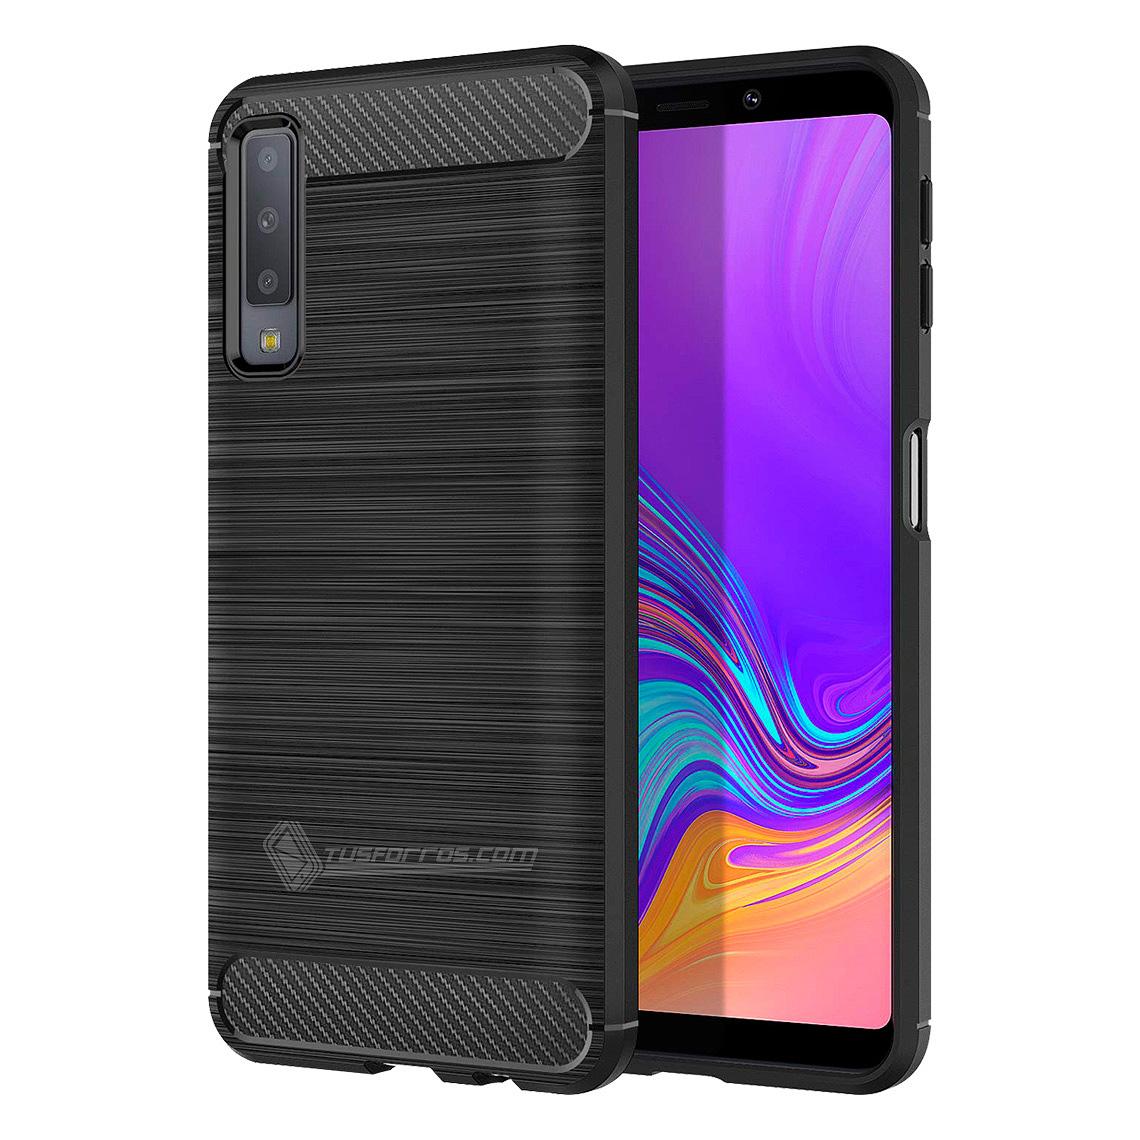 Samsung Galaxy A7 2018 Forro Fibra De Carbono Anti-Shock Máxima Protección